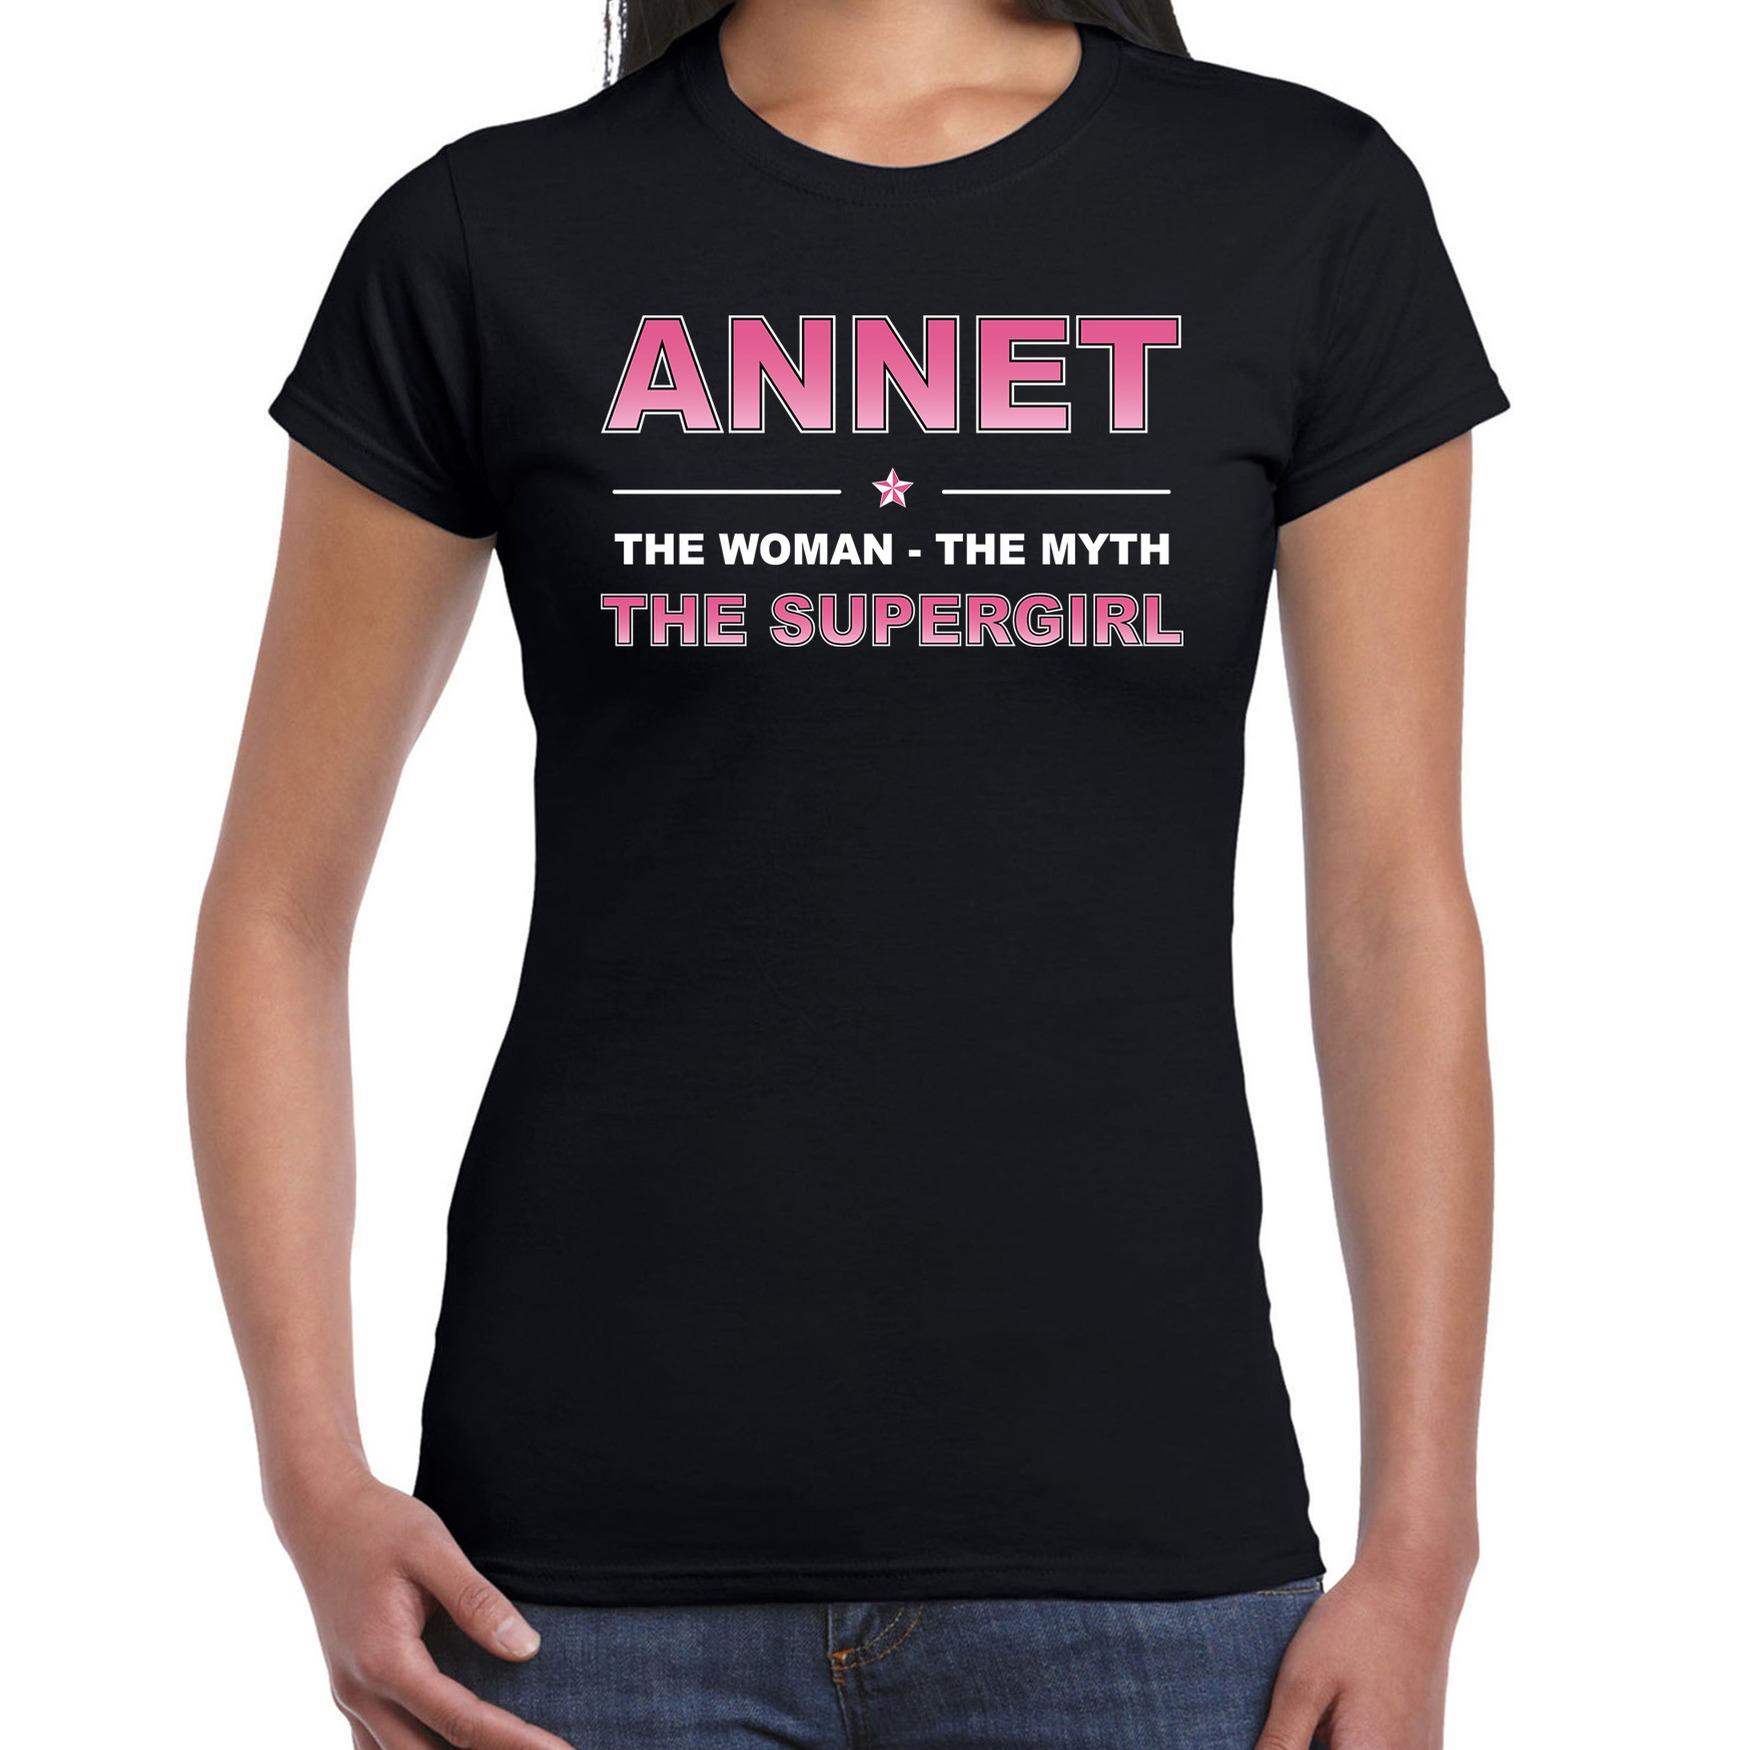 Naam cadeau t-shirt / shirt Annet - the supergirl zwart voor dames